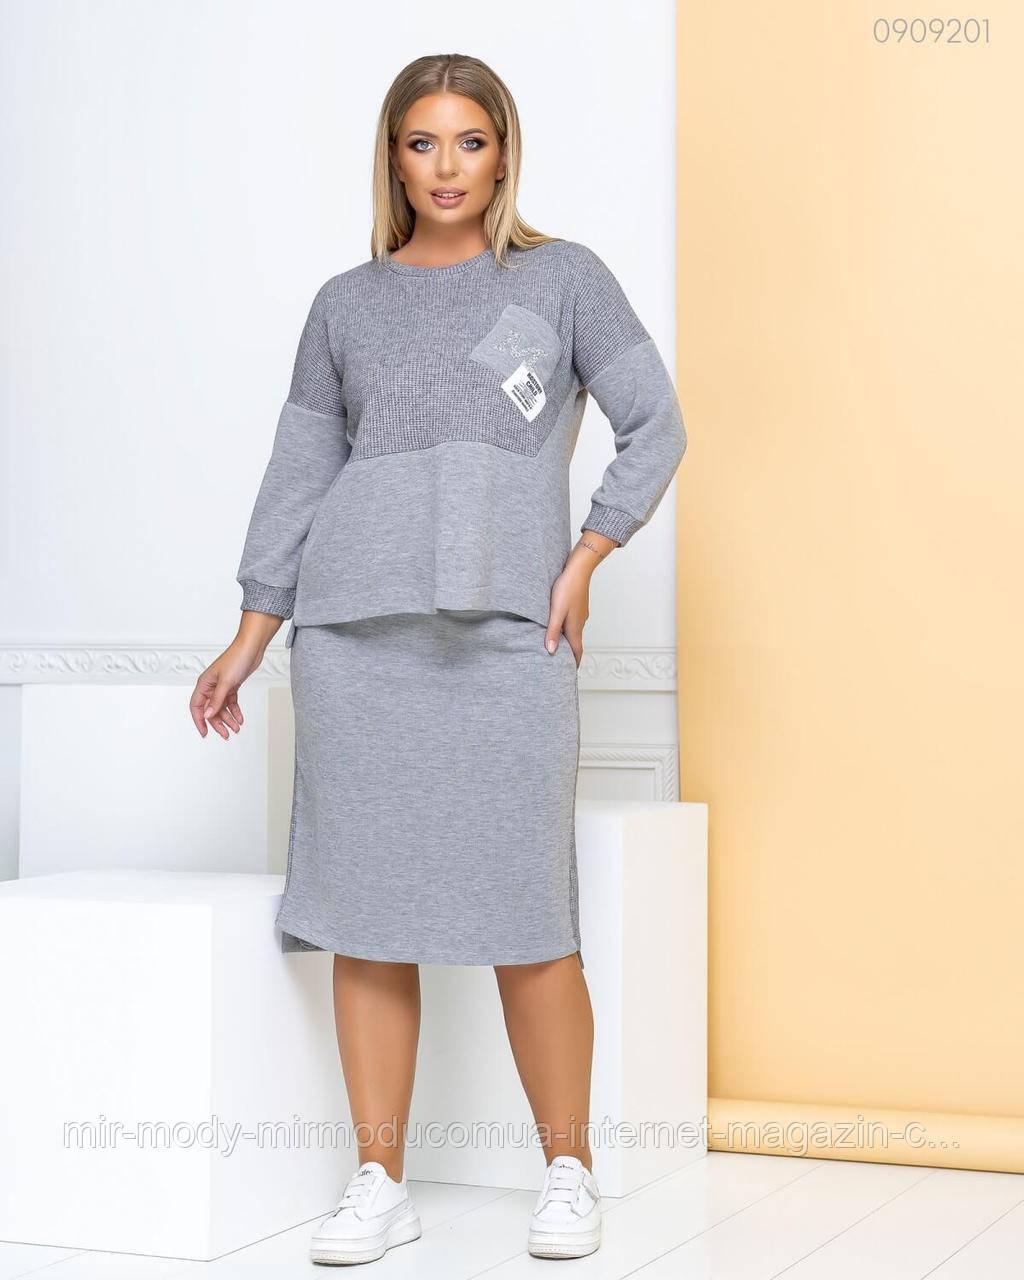 Женский теплый костюм в спортивном стиле с 50 по 56 размер(пин)